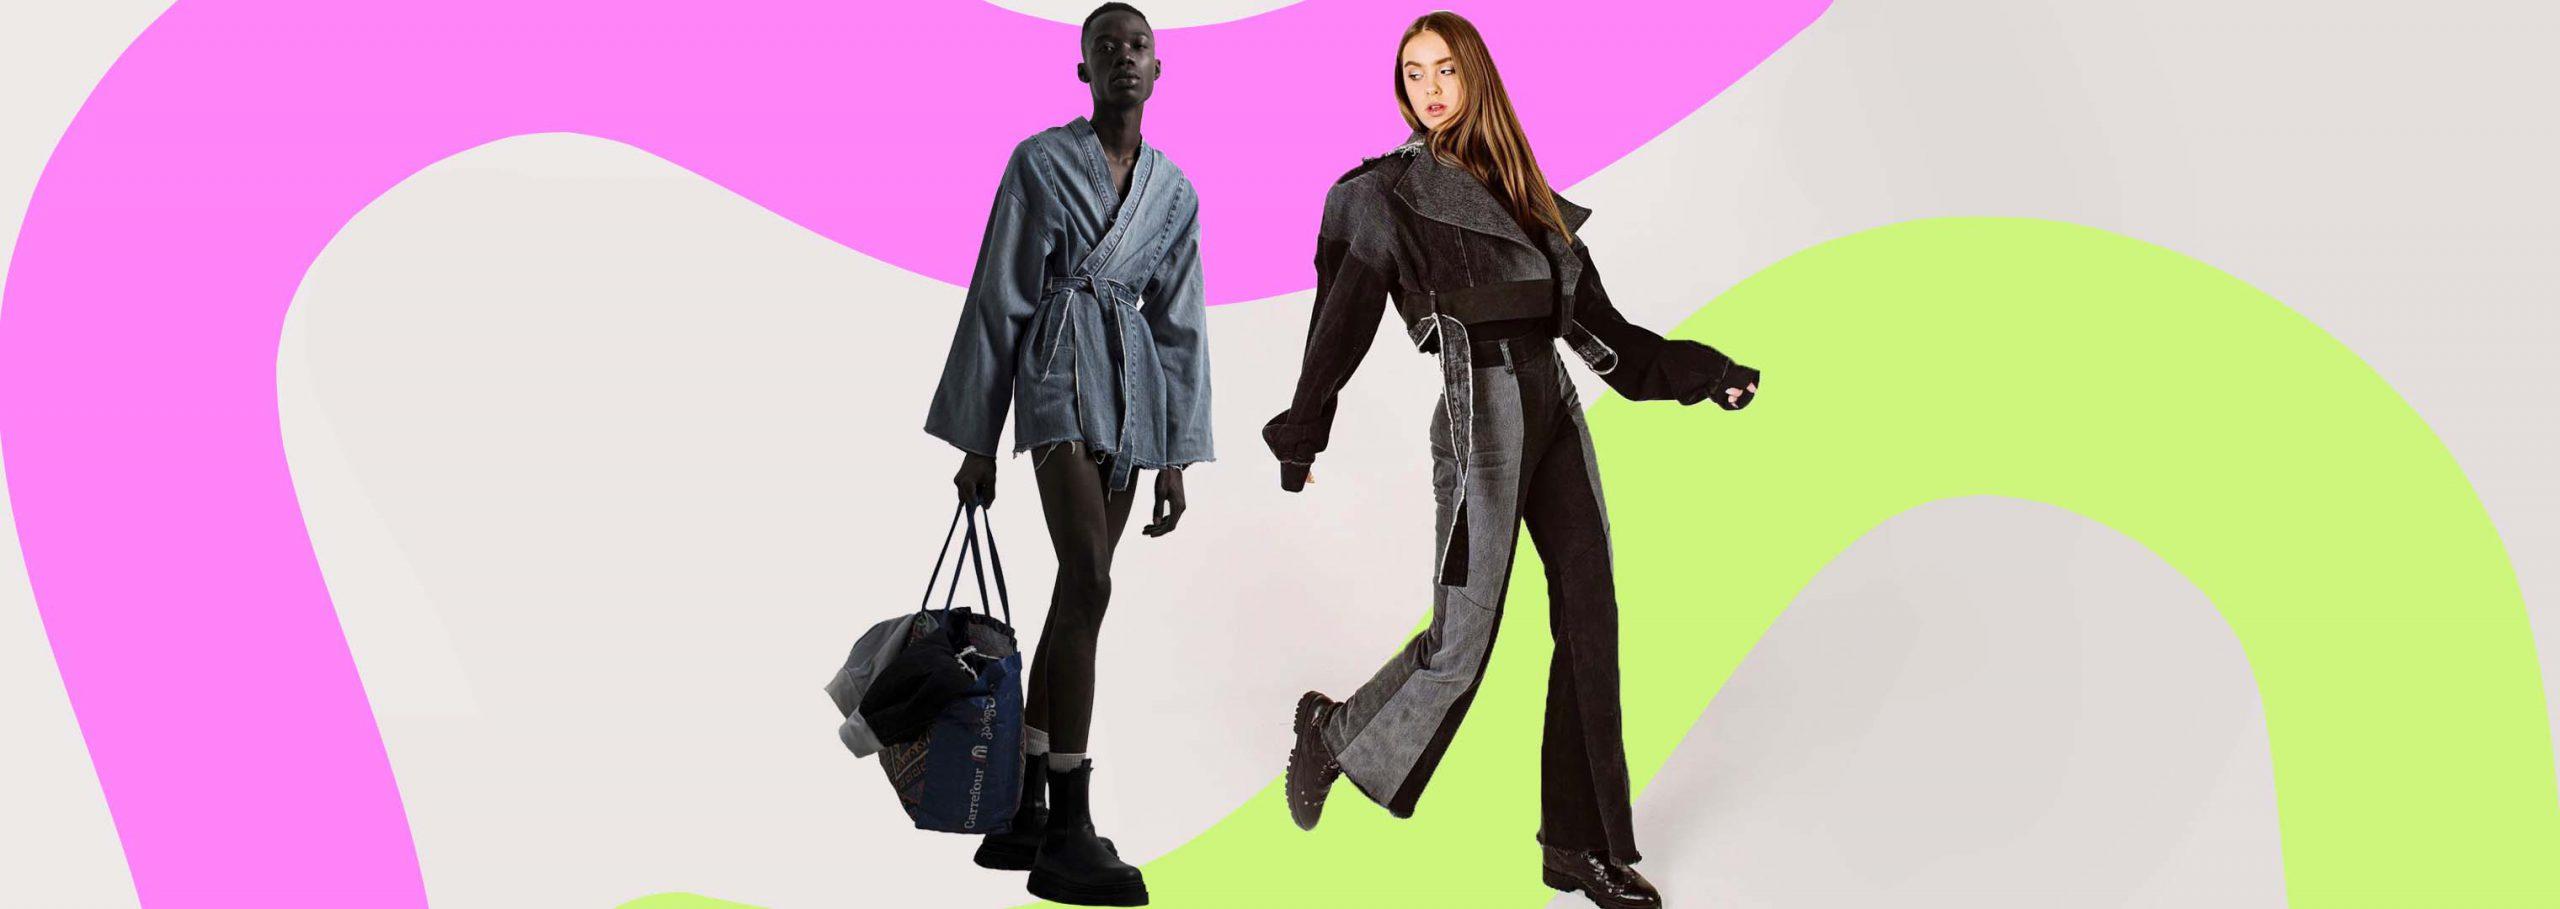 Мода на екологічність: українські дизайнери та апсайклінг